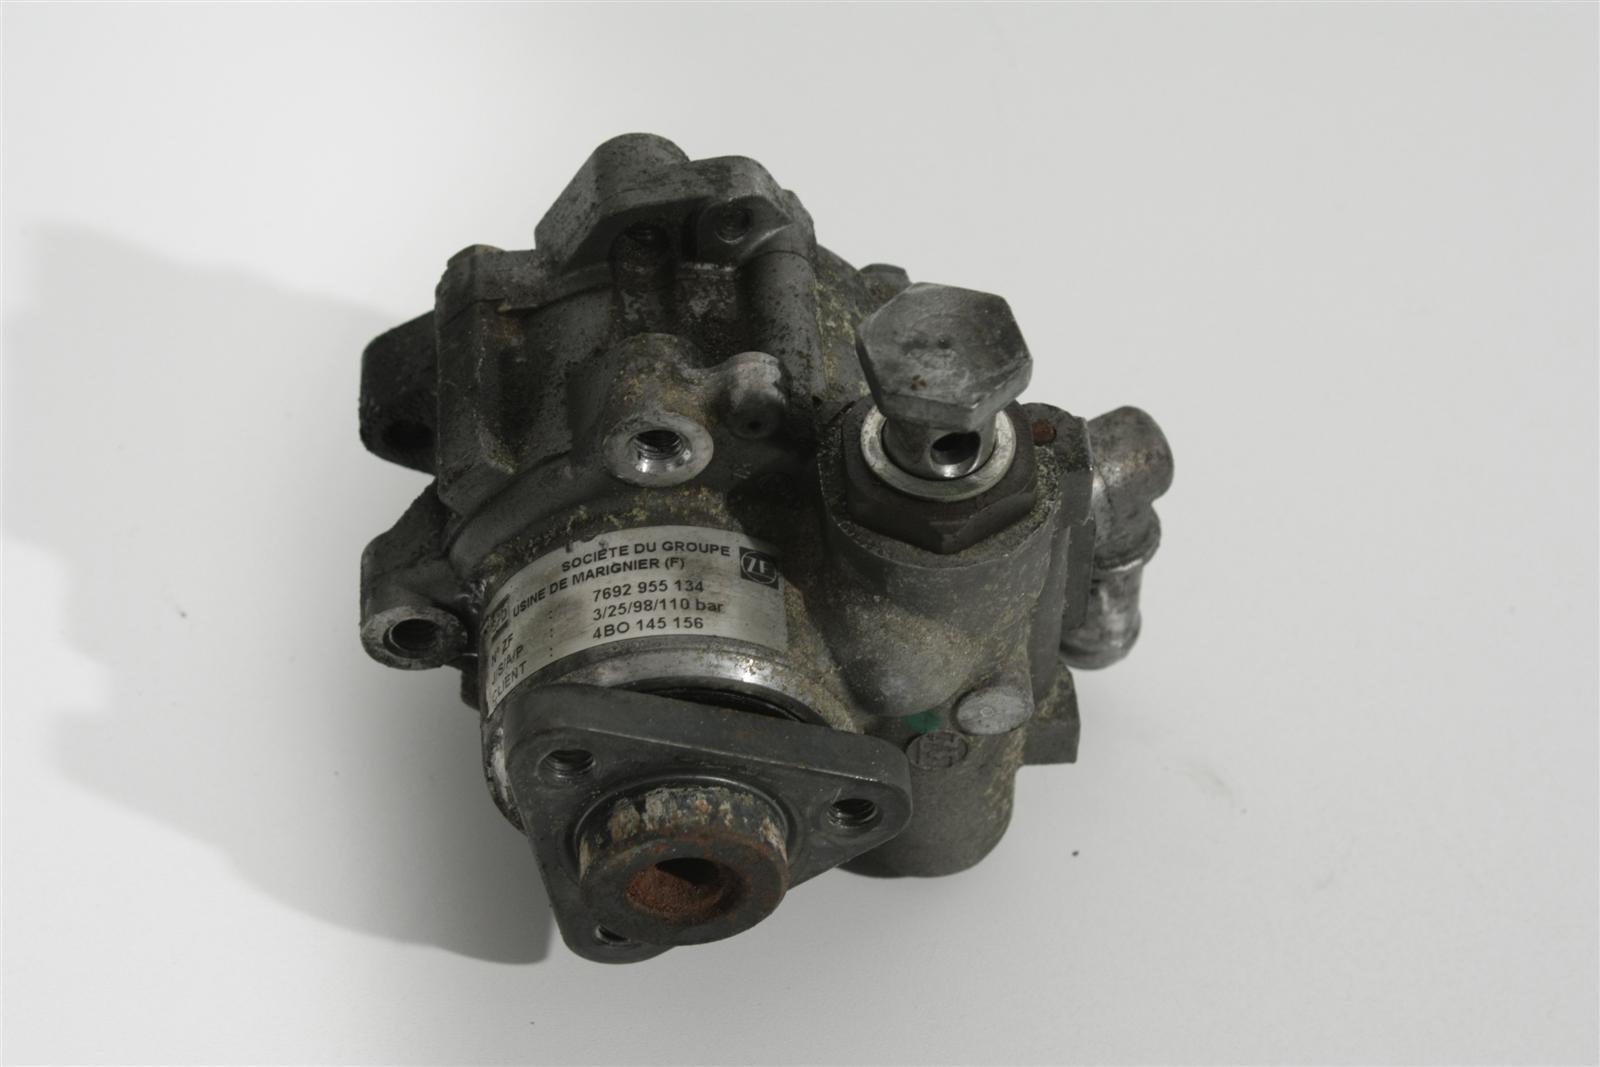 Audi A6 4B 2.4-2.8l 165-193PS alle 6 Zylinder Servopumpe 4B0145156